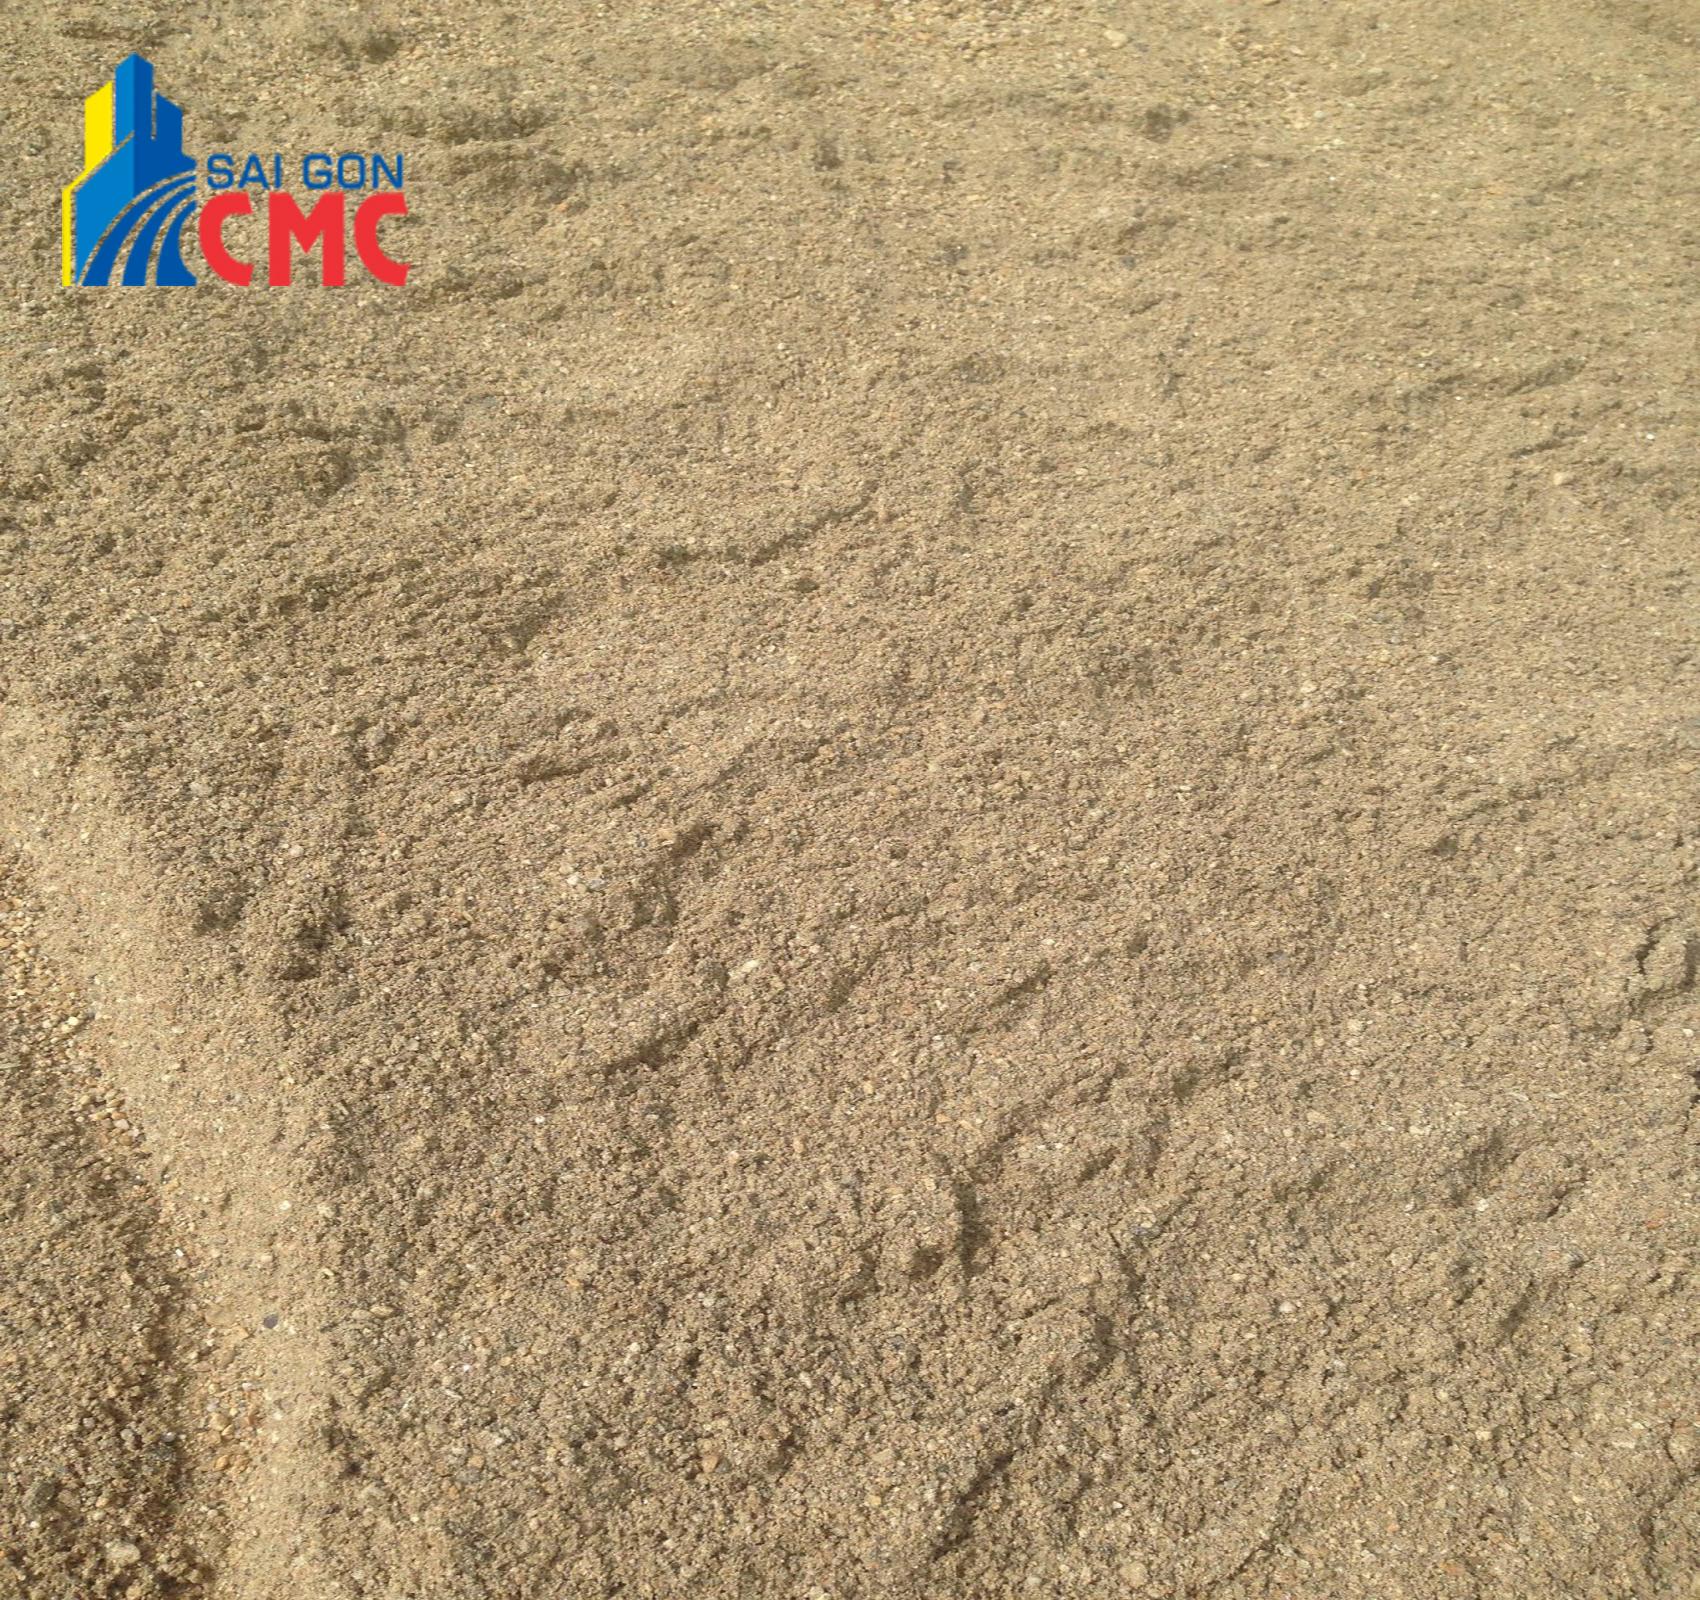 Giá cát xây tô trên thị trường